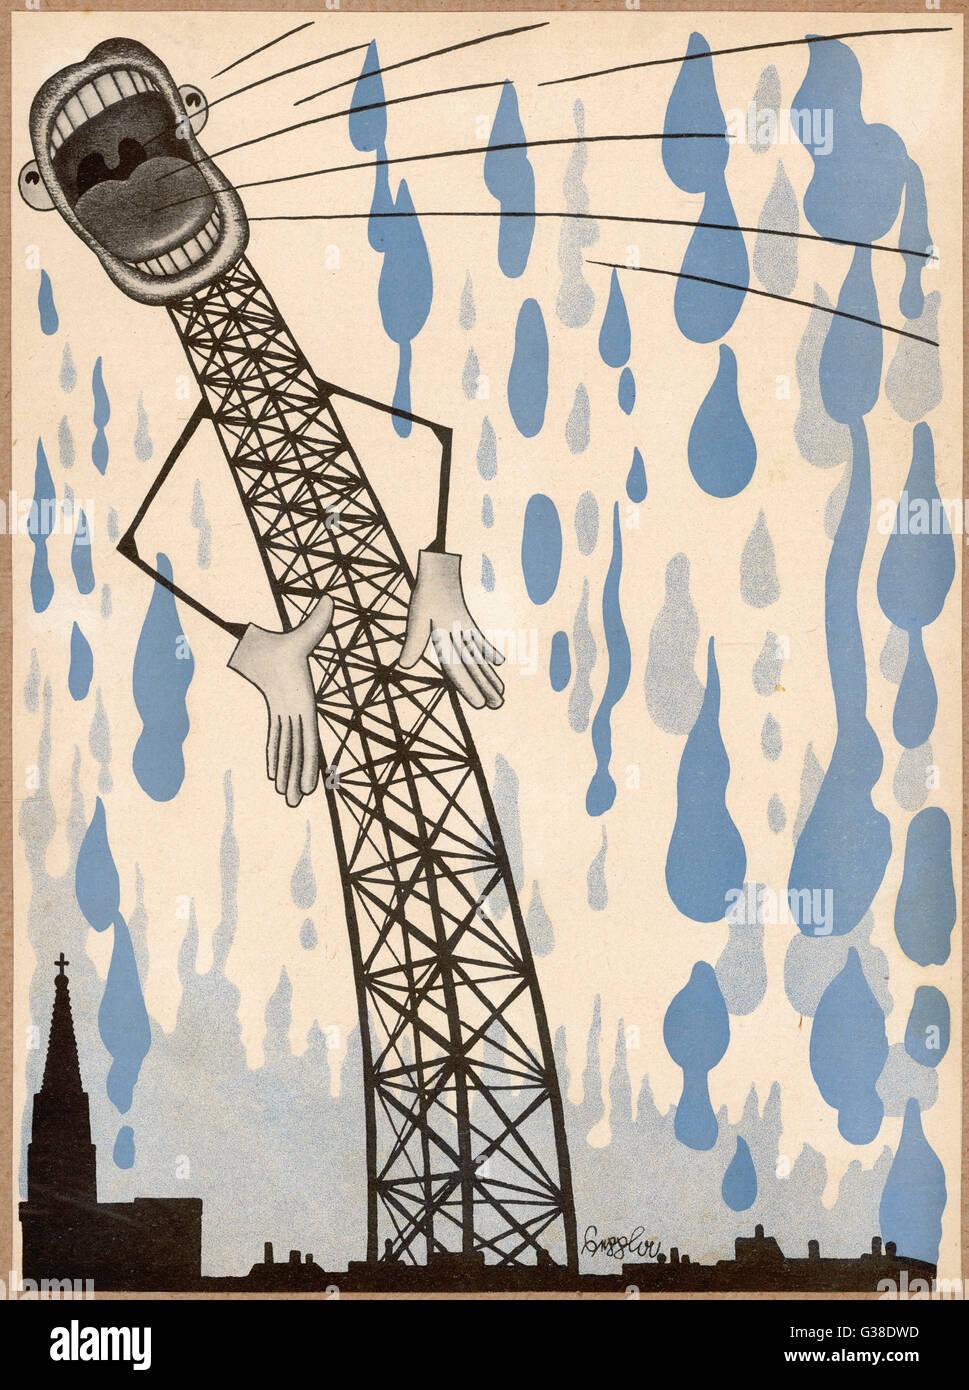 La radio si trova sono sufficienti per rendere i cieli piangono ! Data: 1933 Immagini Stock